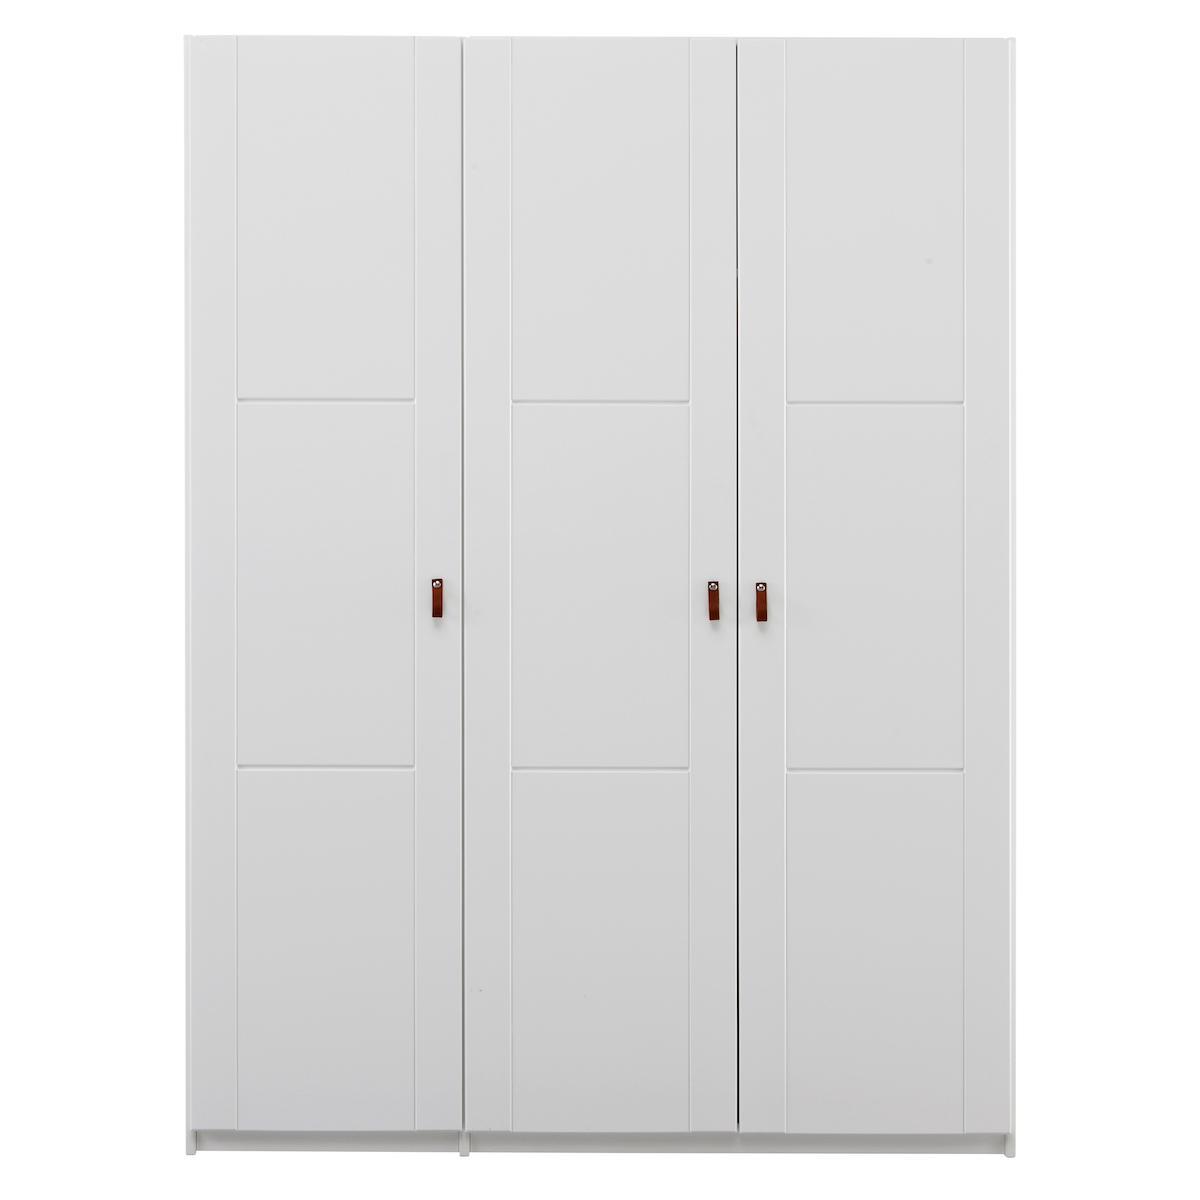 Kleiderschrank Türen-Einlegeböden 150cm Lifetime weiß